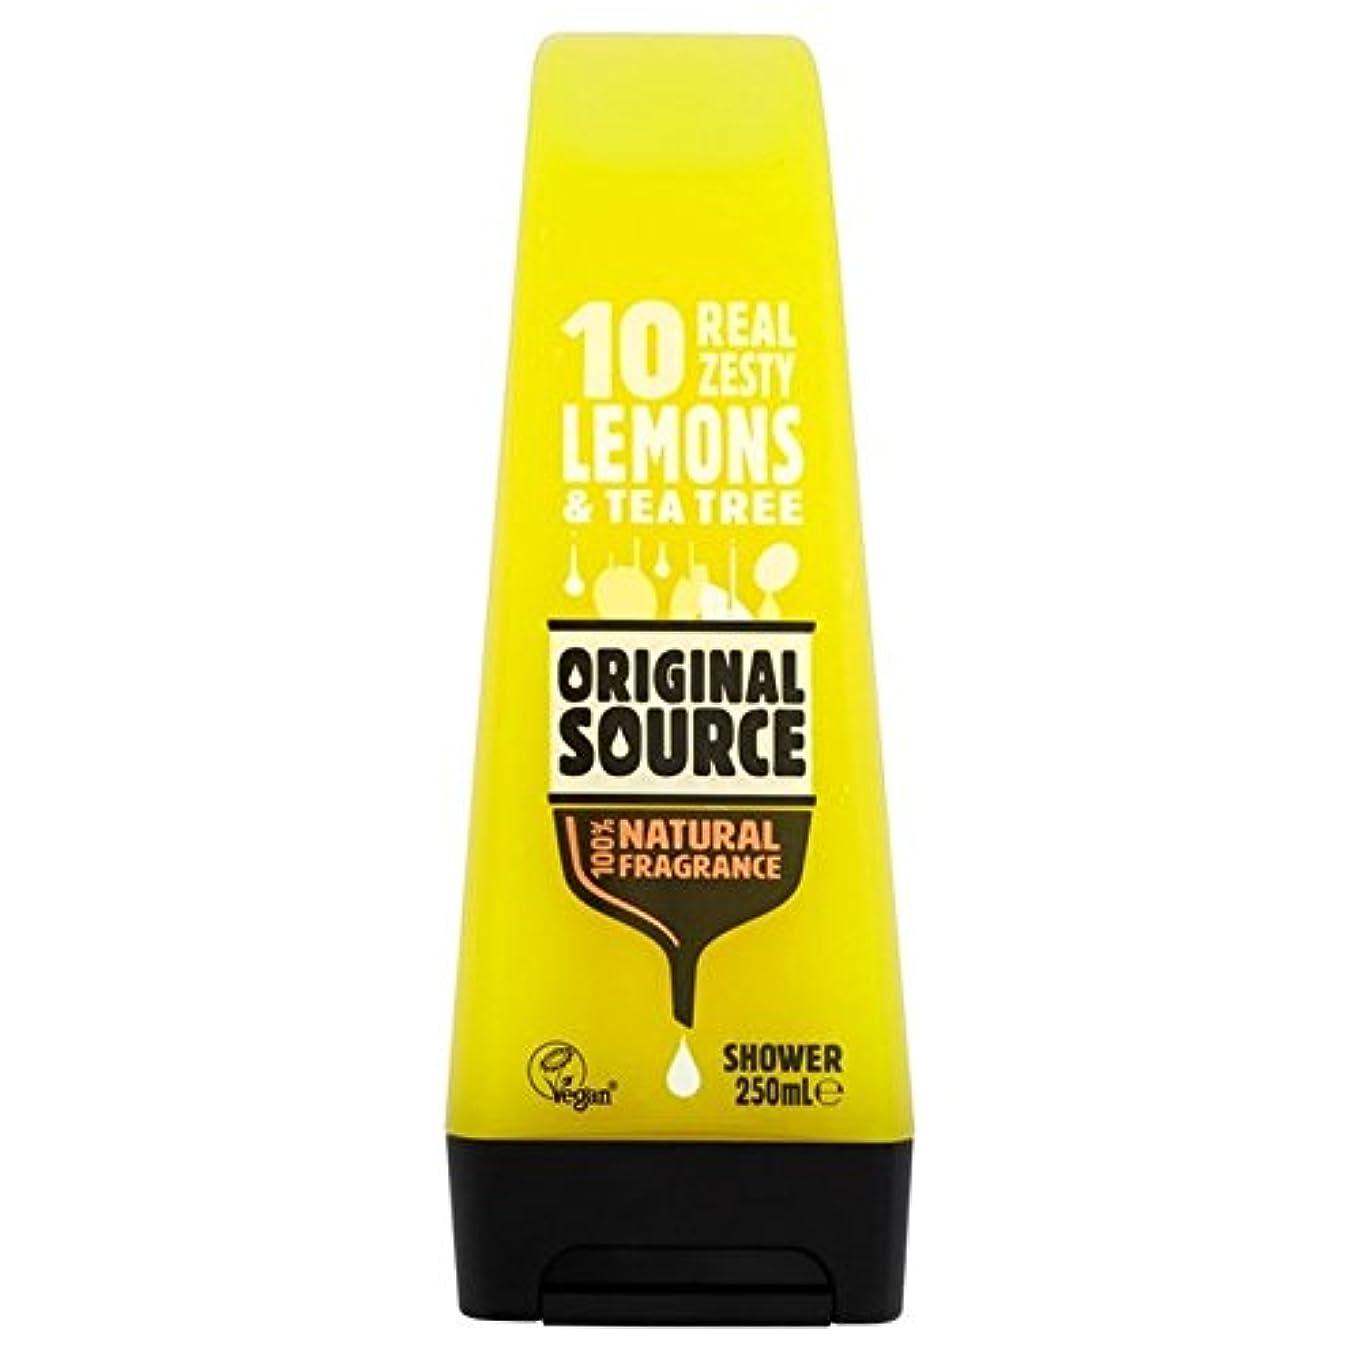 エネルギー野菜展開する元のソースのレモンシャワージェル250ミリリットル x4 - Original Source Lemon Shower Gel 250ml (Pack of 4) [並行輸入品]